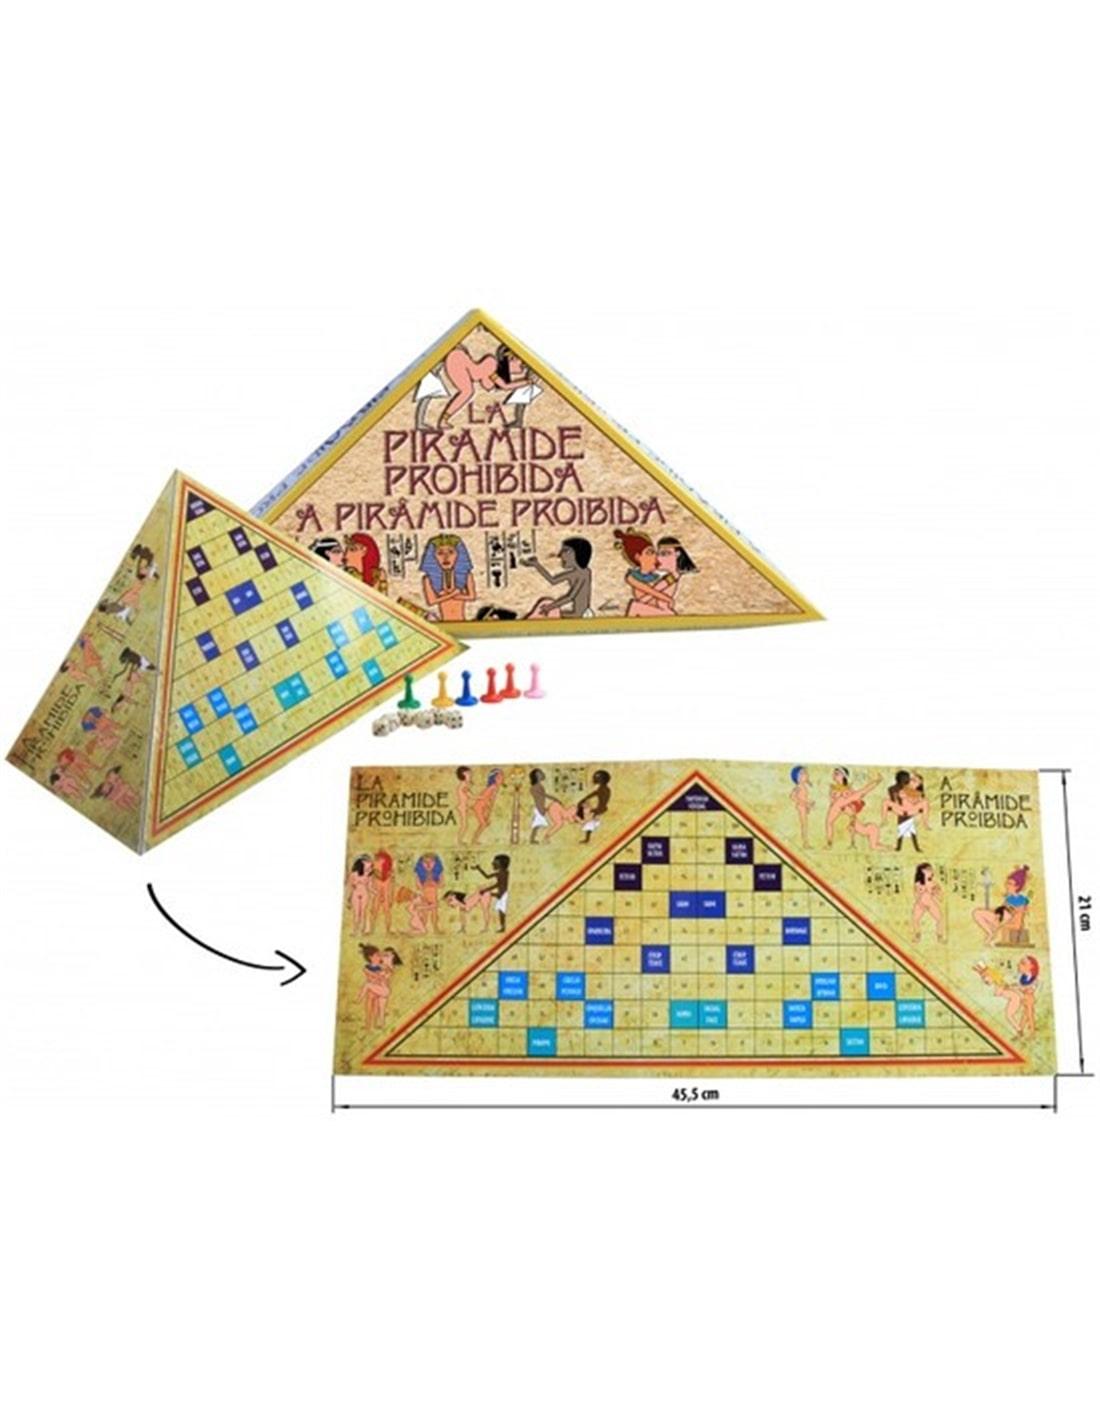 10130 - A Pirâmide Proibida-PR2010299347